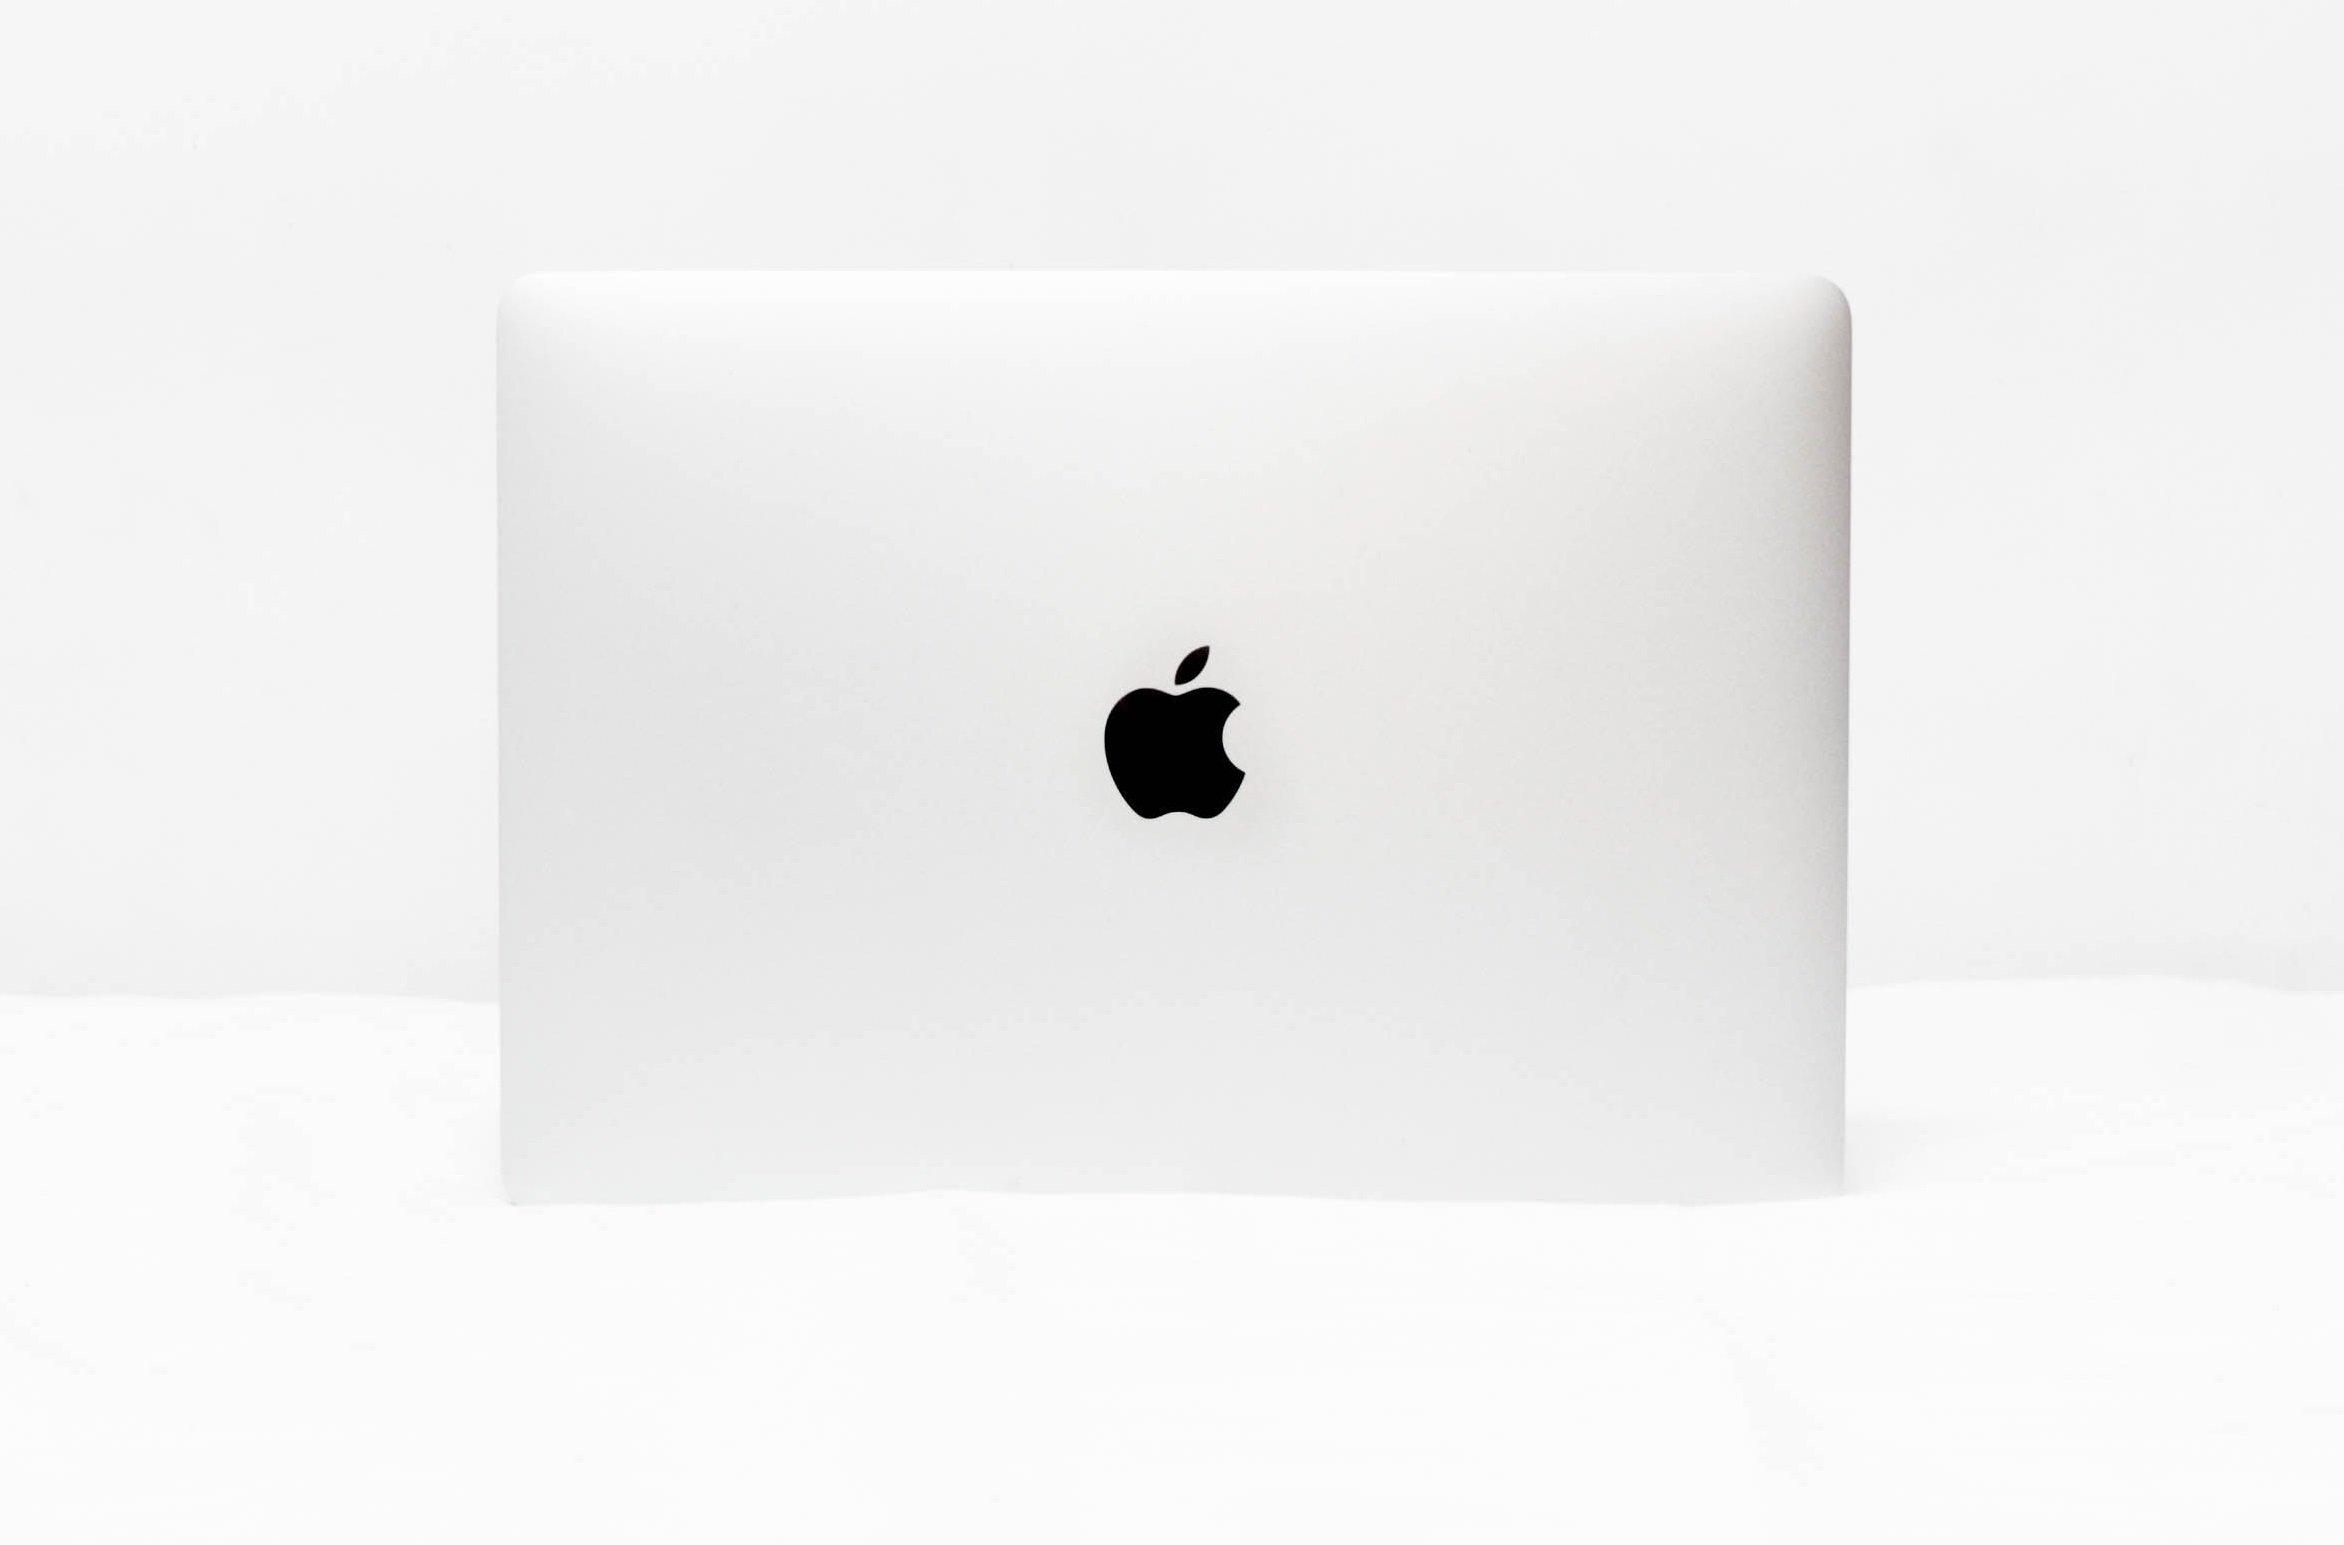 Non una semplice mela: il case study Apple